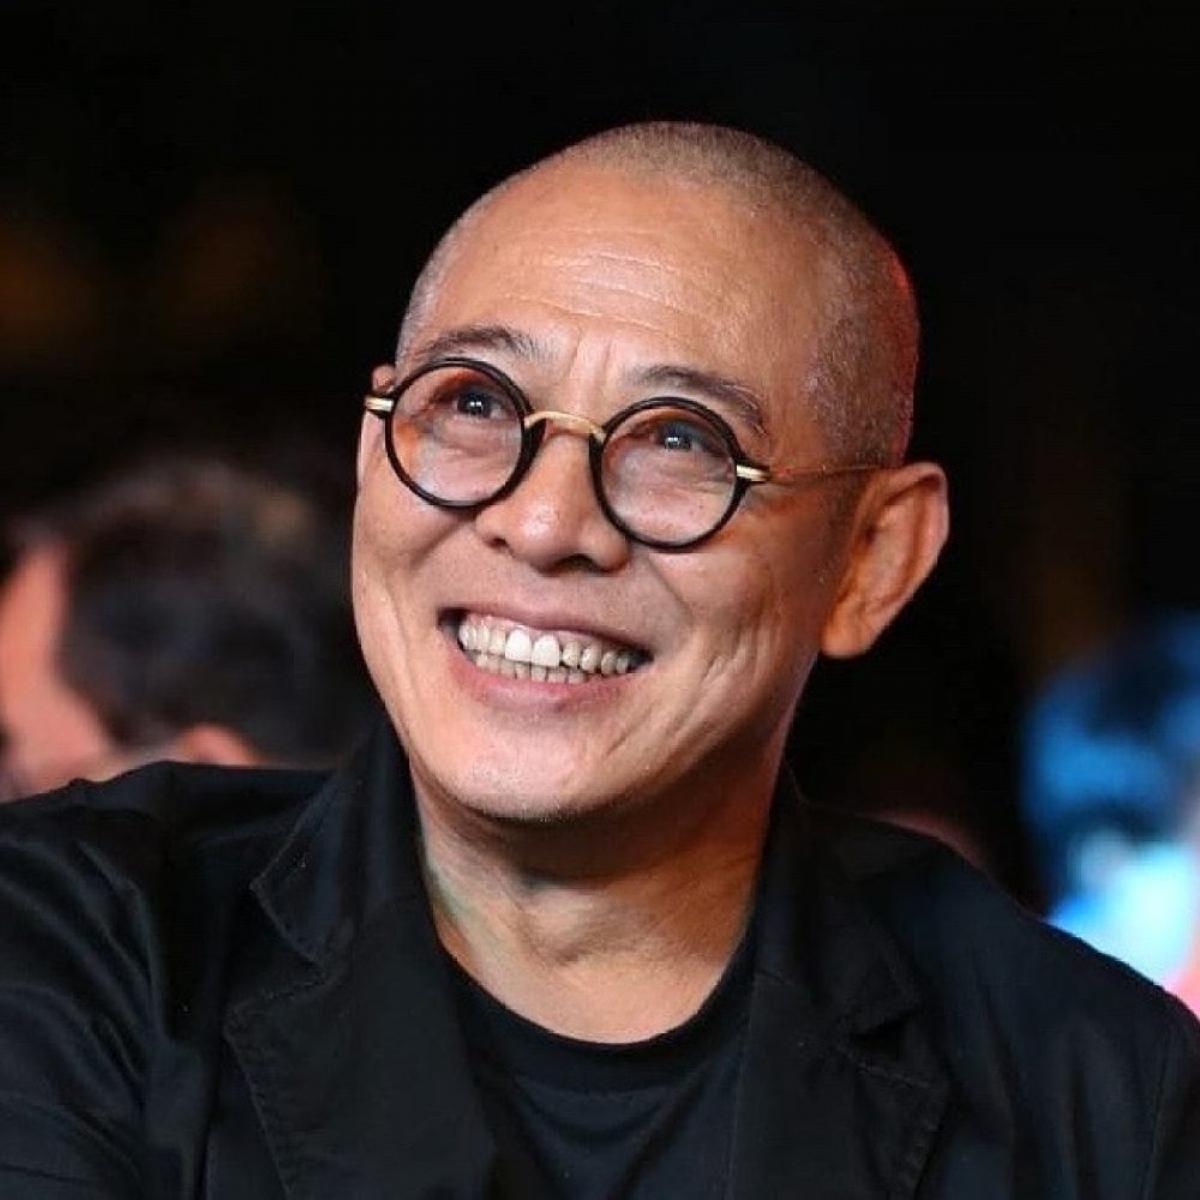 """Sinh ra ở Bắc Kinh, Lý Liên Kiệt được biết đến với các vai diễn trong những bộ phim bom tấn của Hollywood như """"The Expendables"""", """"Lethal Weapon 4"""" và """"The Mummy: Tomb of the Dragon Emperor"""". Ngôi sao võ thuật đã thay đổi quốc tịch của mình nhiều lần, từ Trung Quốc sang Mỹ và bây giờ là Singapore. Gần đây, có thông tin cho rằng Lý Liên Kiệt có thể bị đưa vào danh sách đen vì giữ quốc tịch nước ngoài. Ảnh: @jetli/Instagram"""